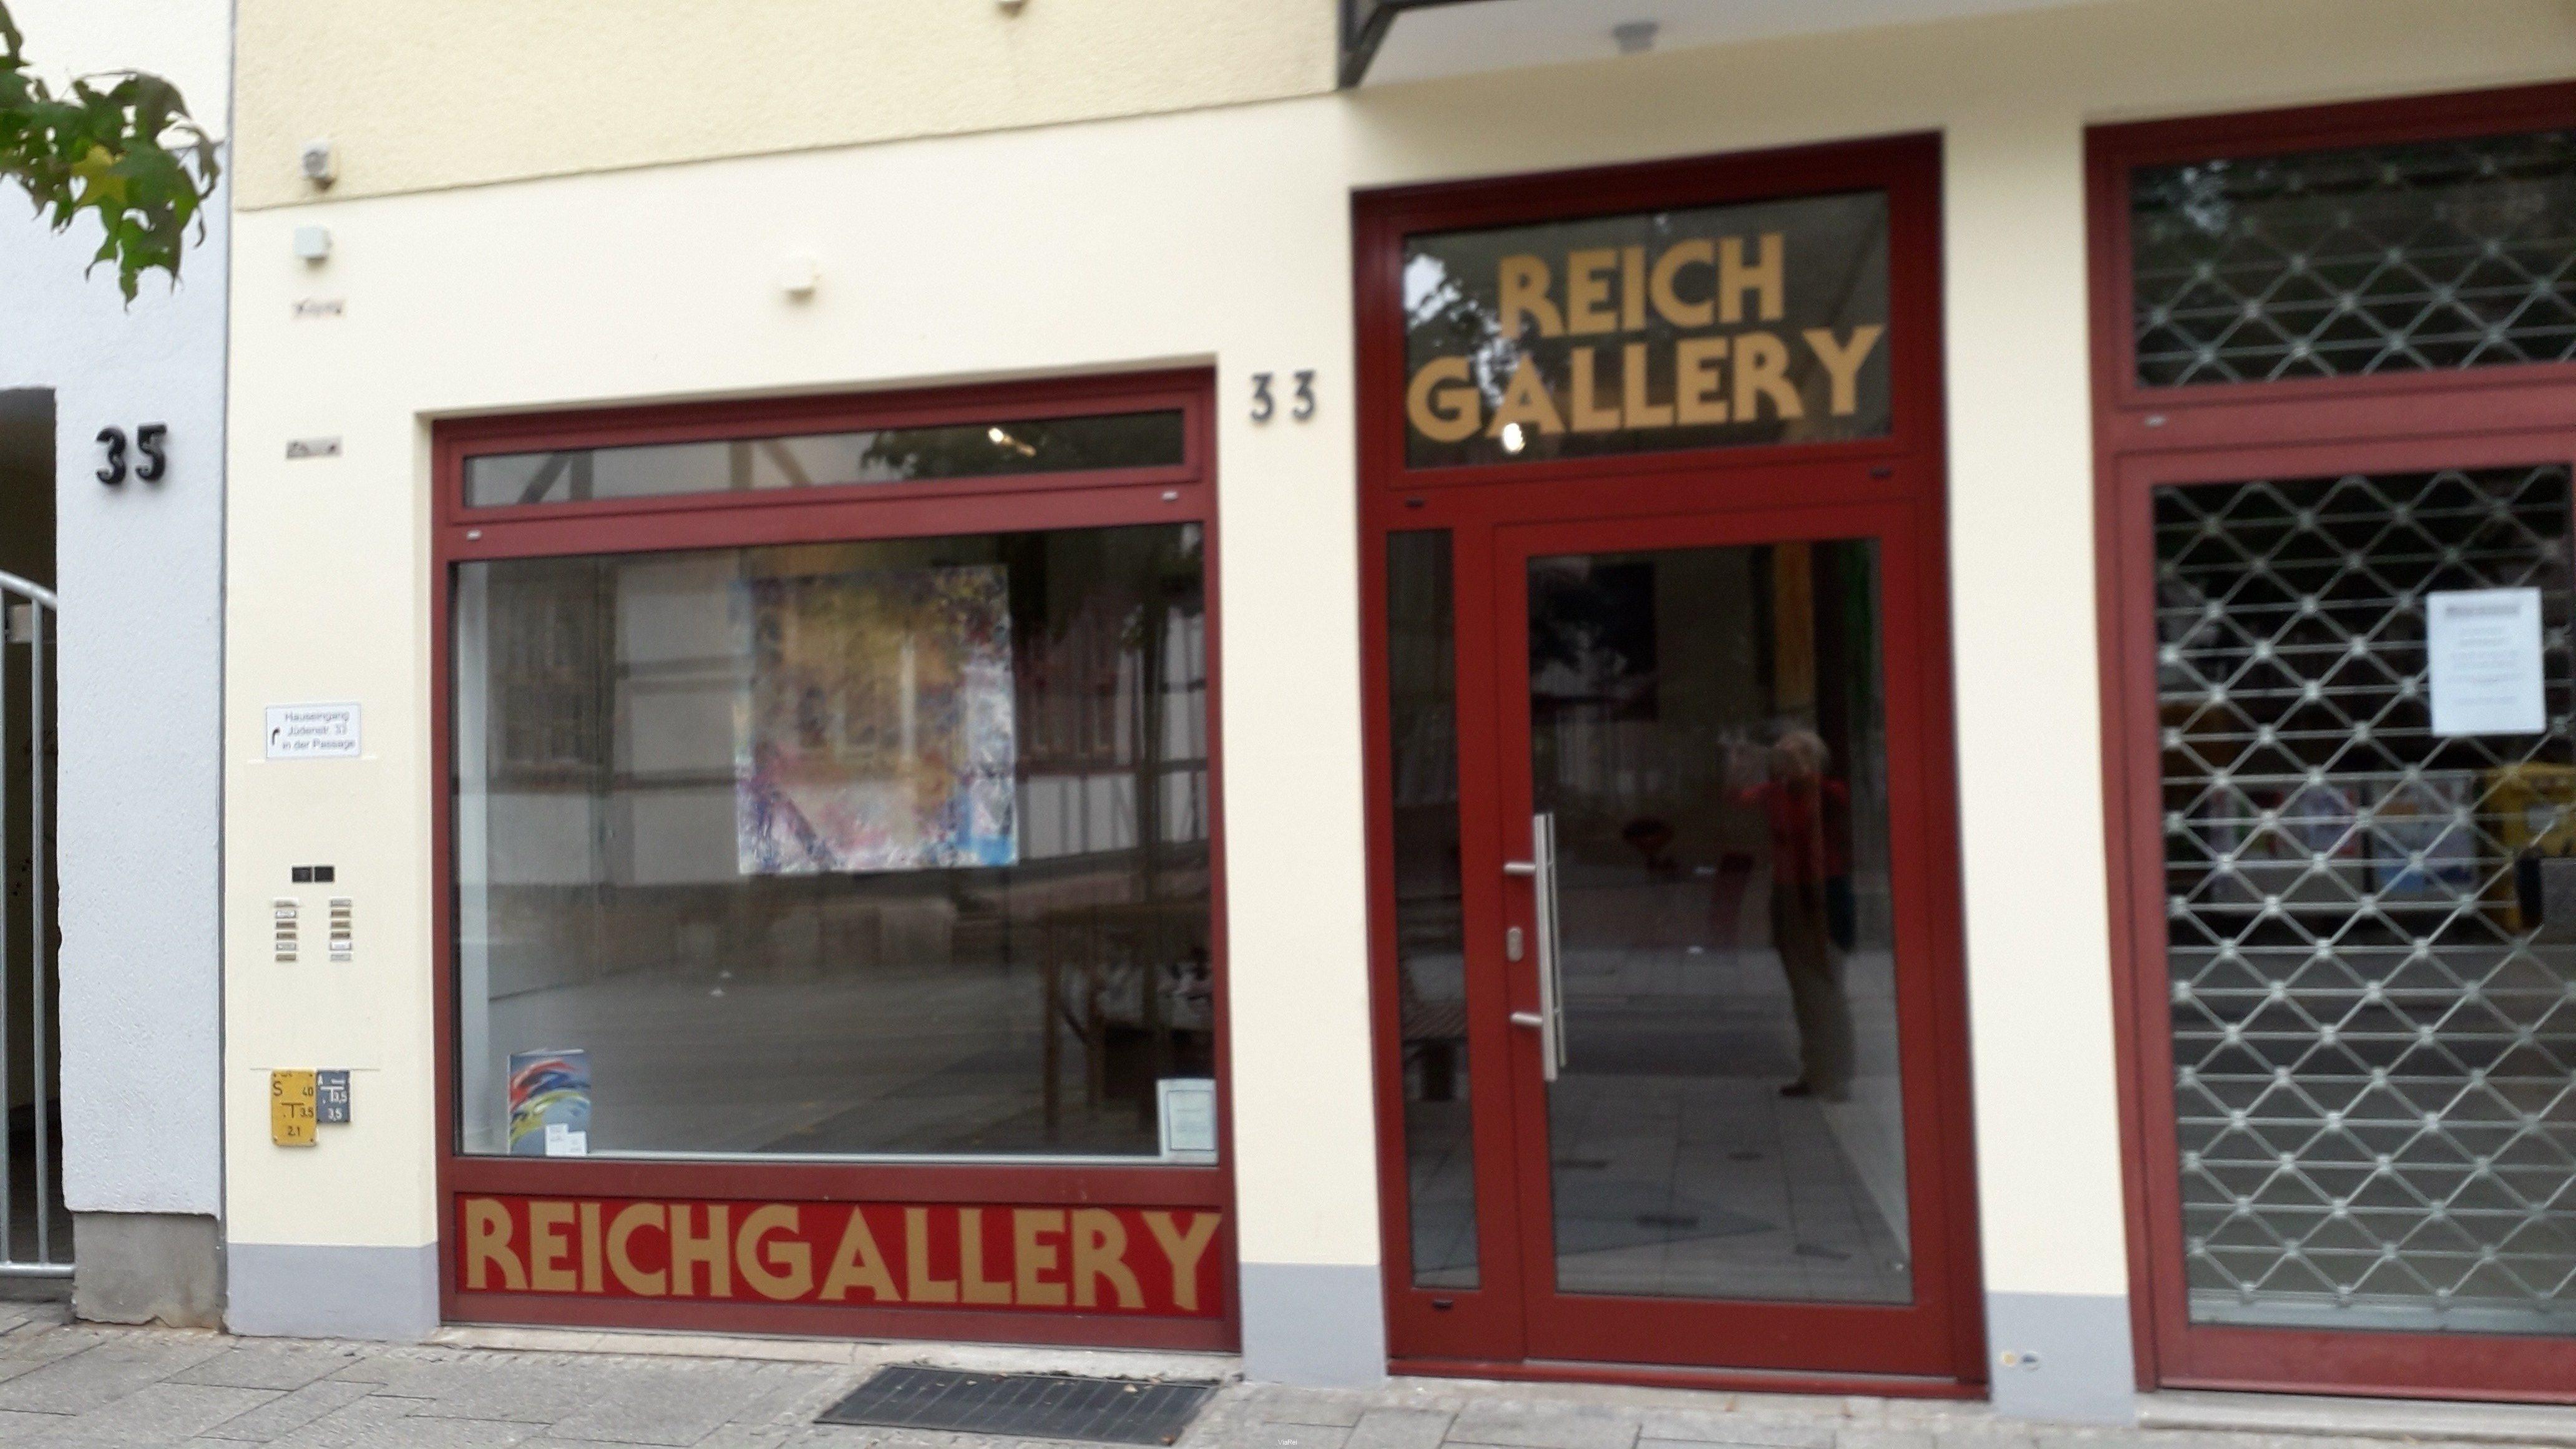 Reichgallery Jüdenstrasse 33 in Göttingen